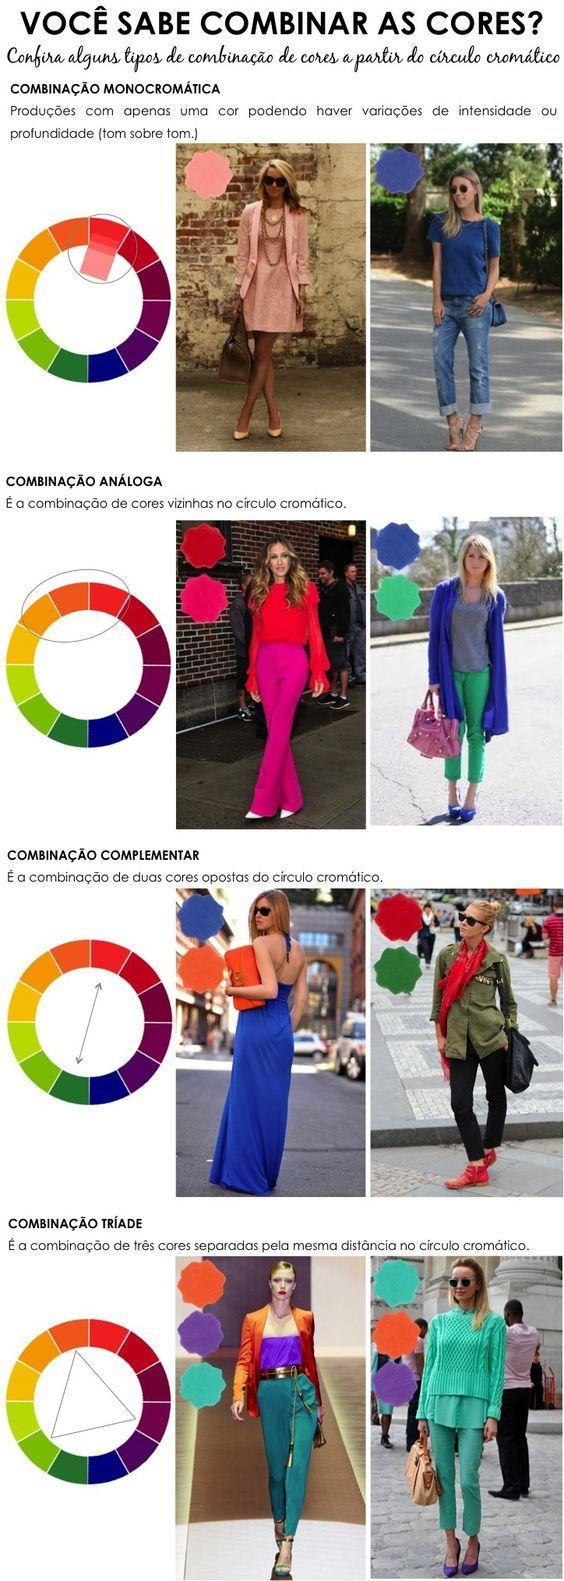 A moda e a combinação de cores ... vale a pena conferir!